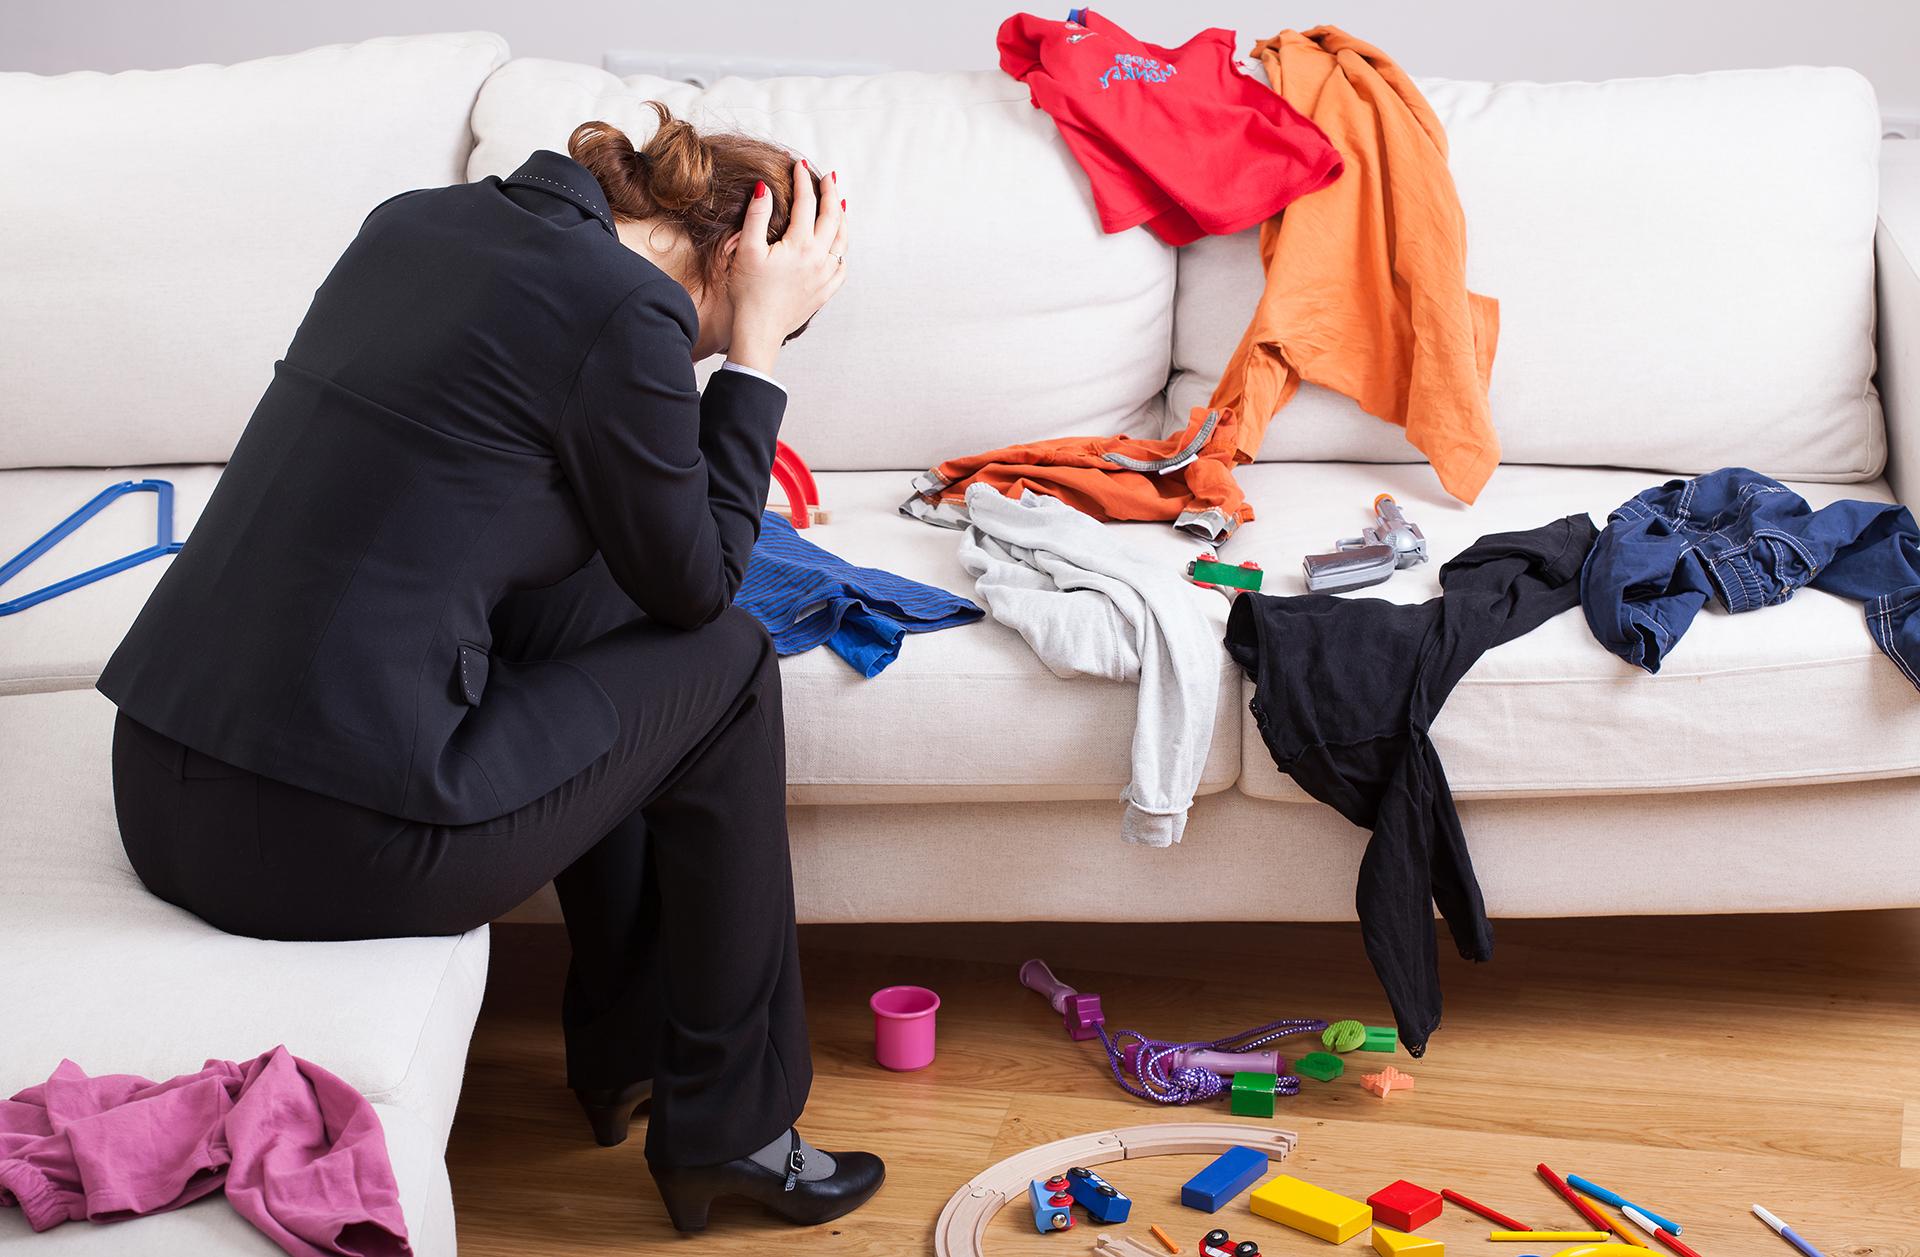 Чем обстановка в квартире может выдать заниженную самооценку ее хозяйки